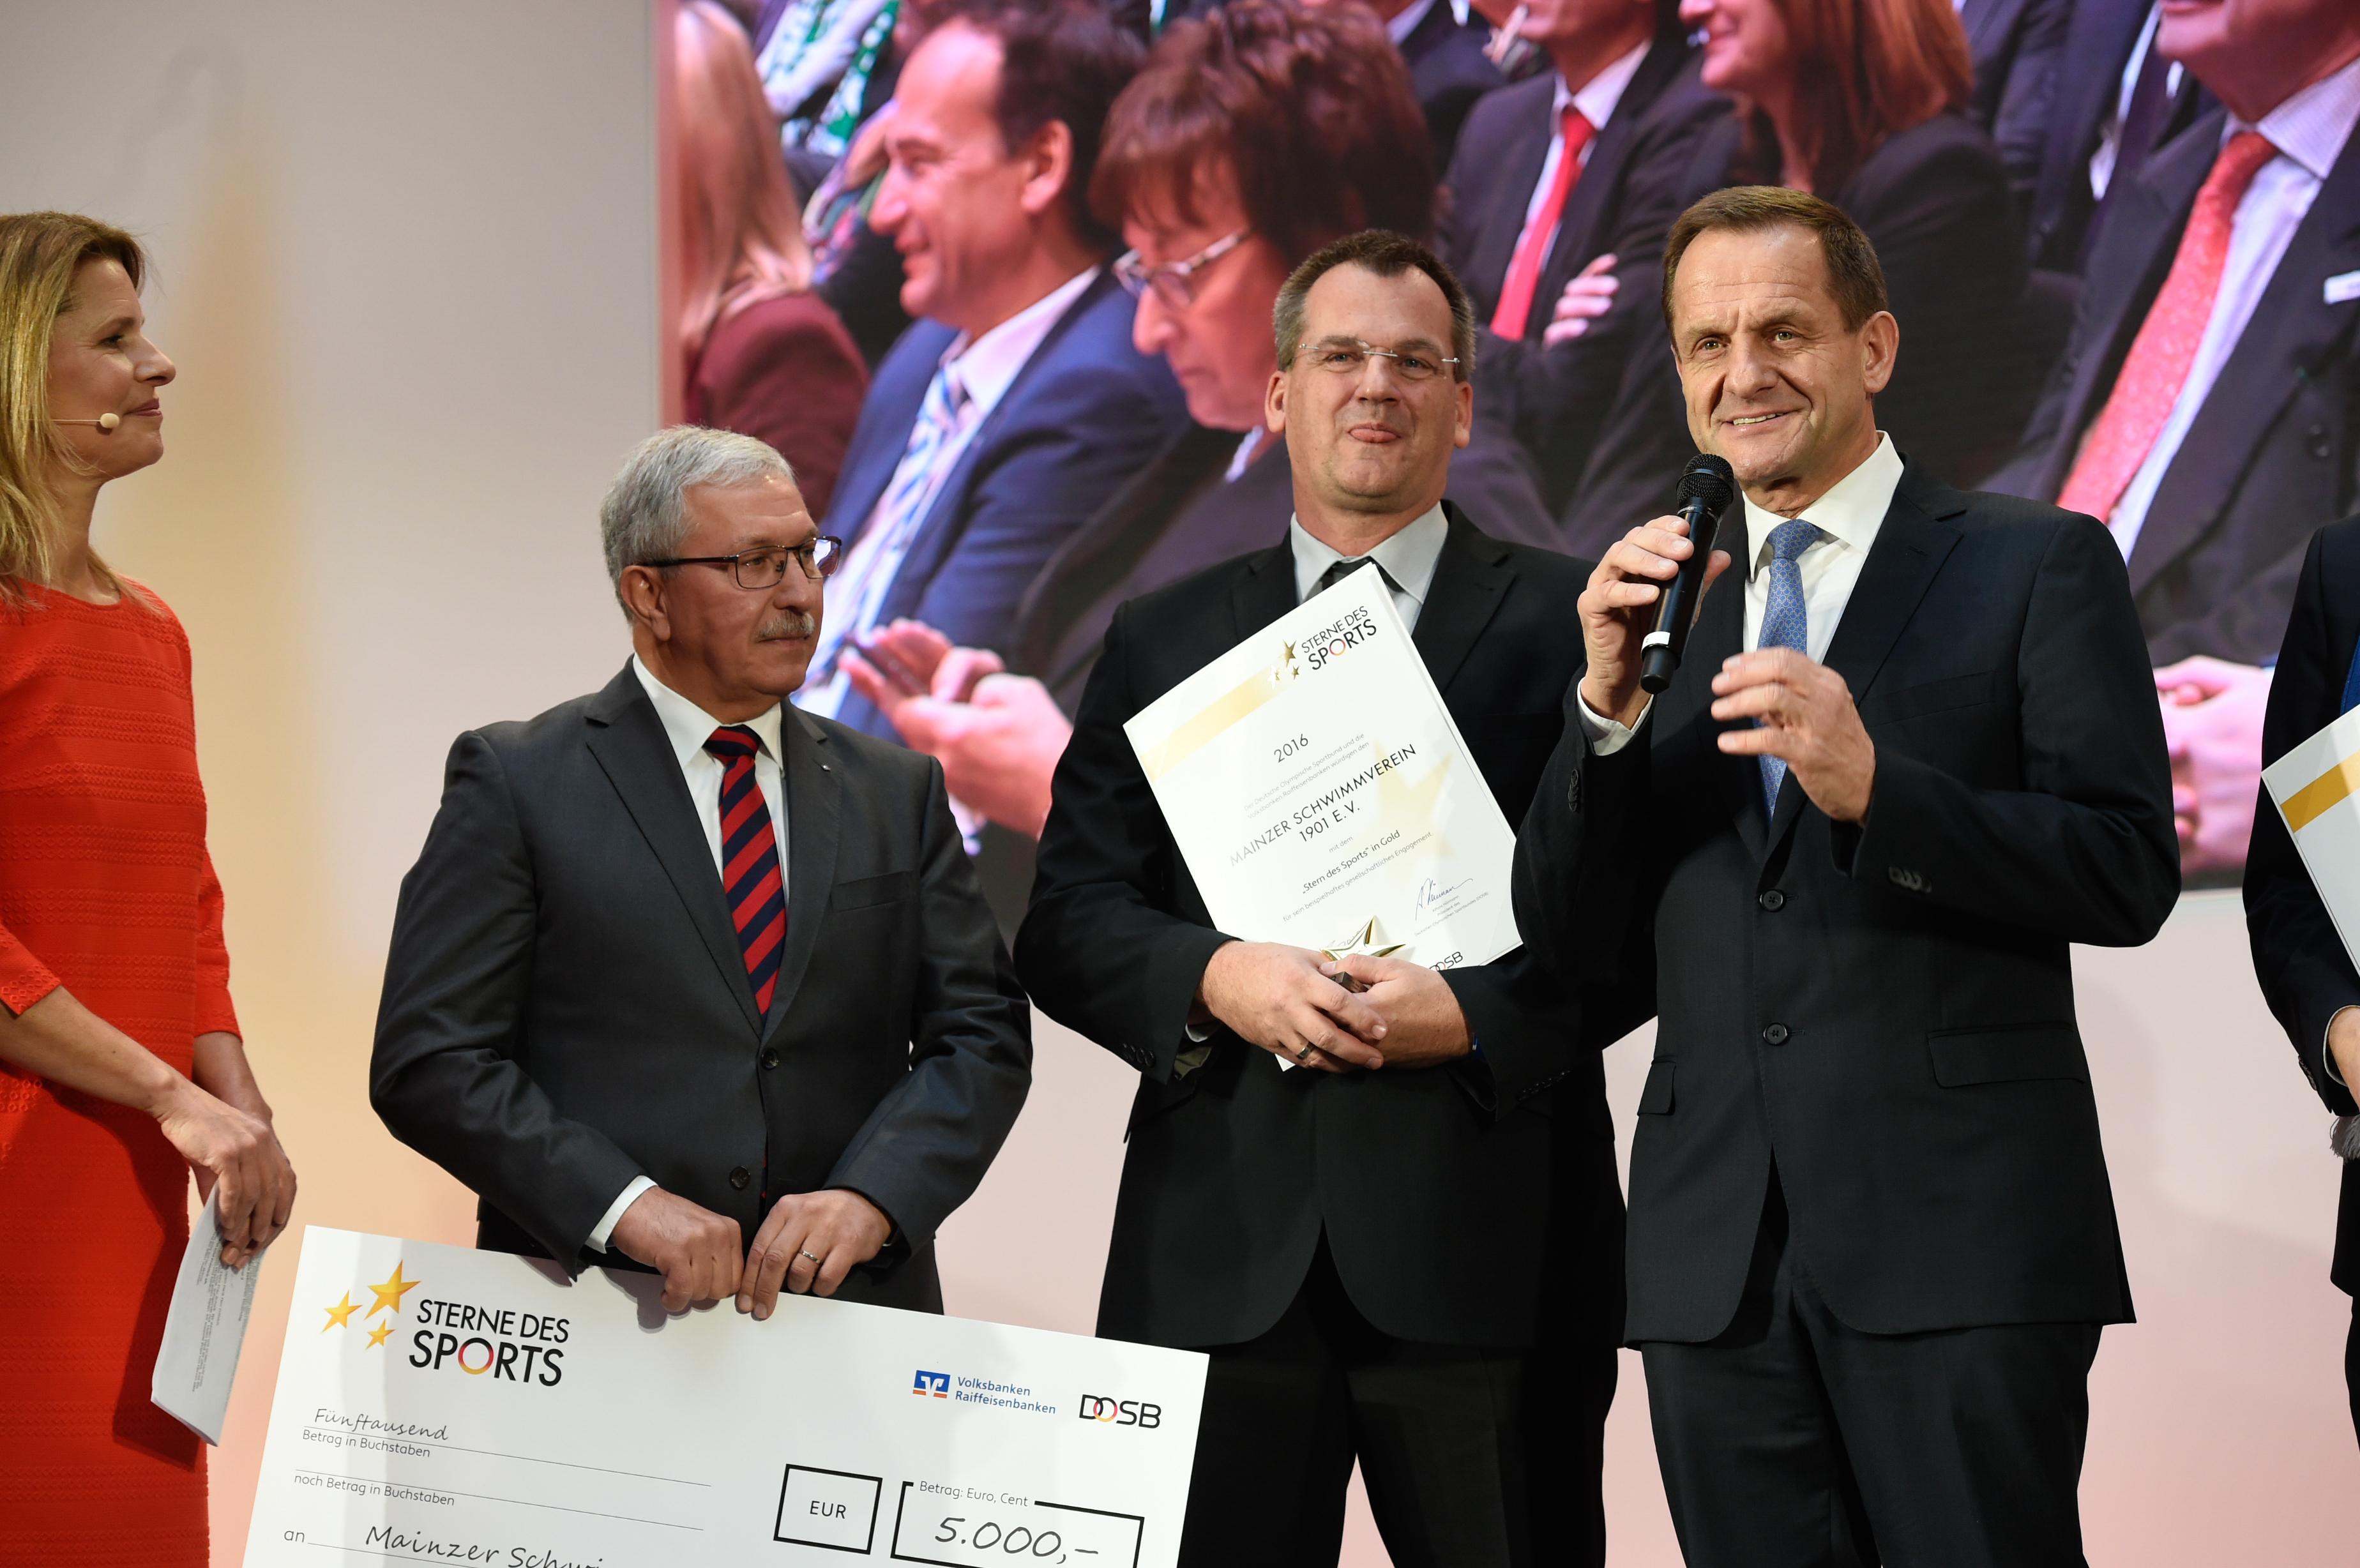 Mainzer Schwimmverein 1901 e.V. gewinnt den dritten Preis (v.li.): Moderatorin Katrin Müller-Hohenstein, Armin Bork (Volksbank Alzey-Worms eG), Torsten Traxel (Mainzer Schwimmverein 1901 e.V.), Alfons Hörmann; Foto: DOSB/BVR 2017